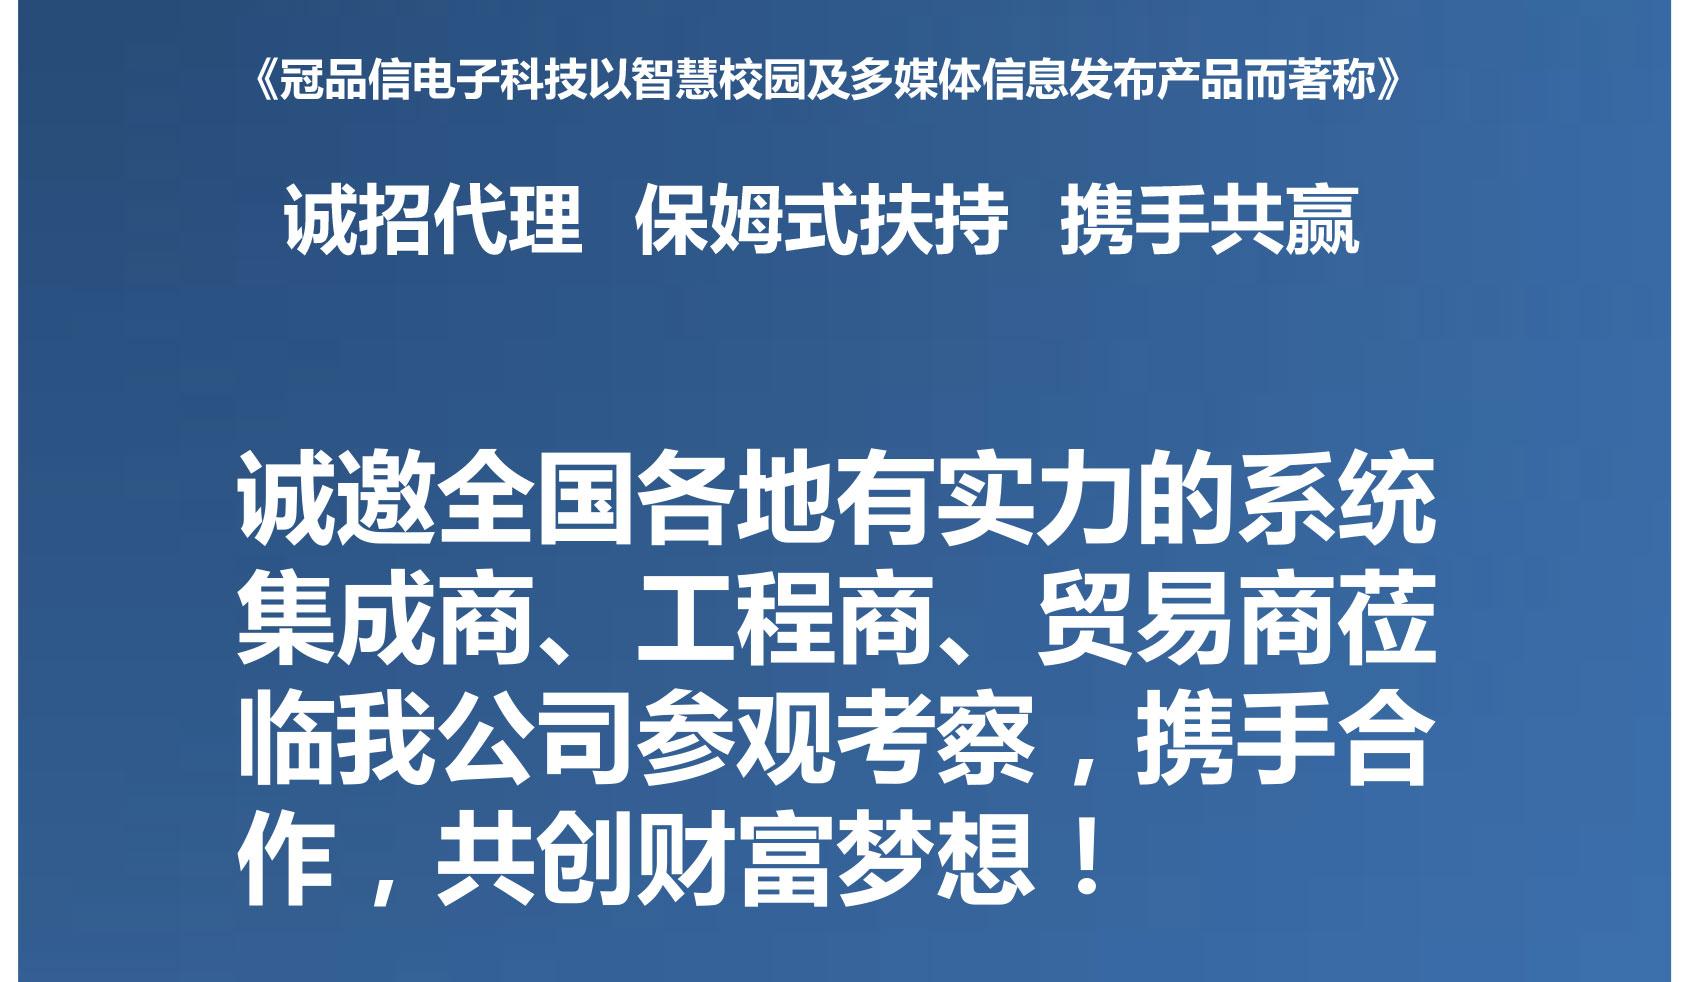 广州冠品信电子诚招代理商